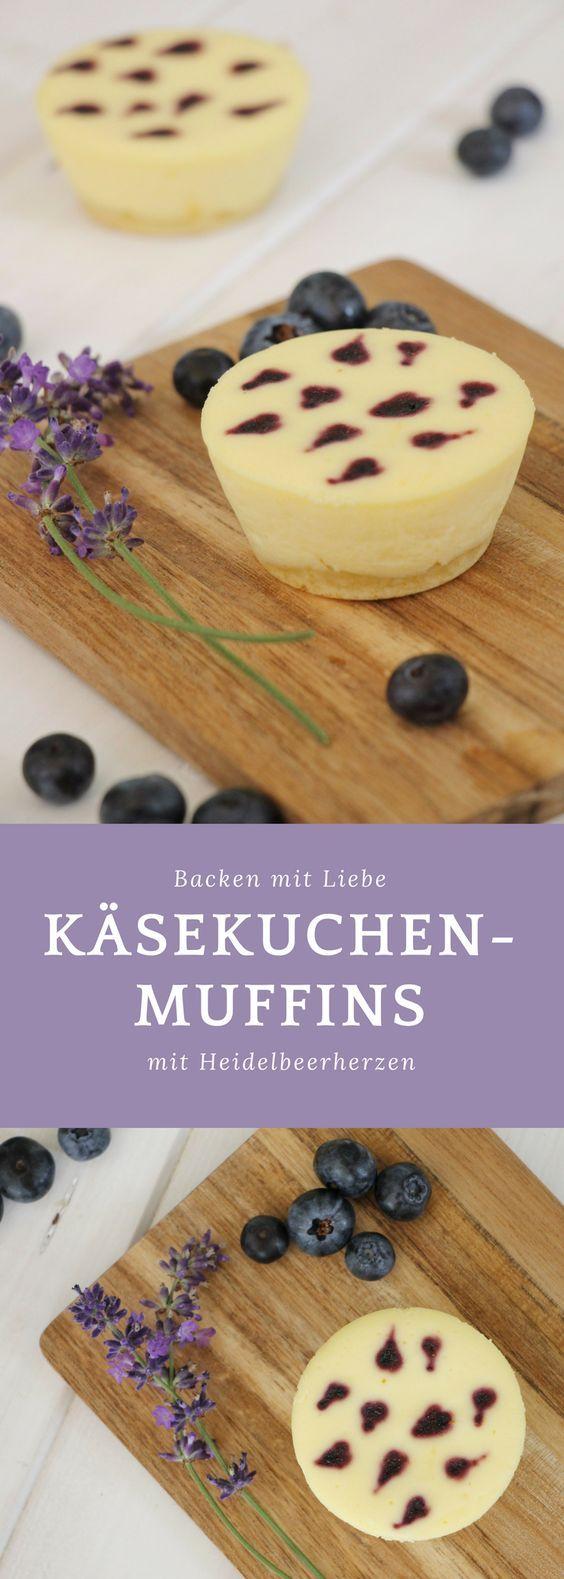 Best 20+ Chefkoch käsekuchen ideas on Pinterest | Kuchen chefkoch ...